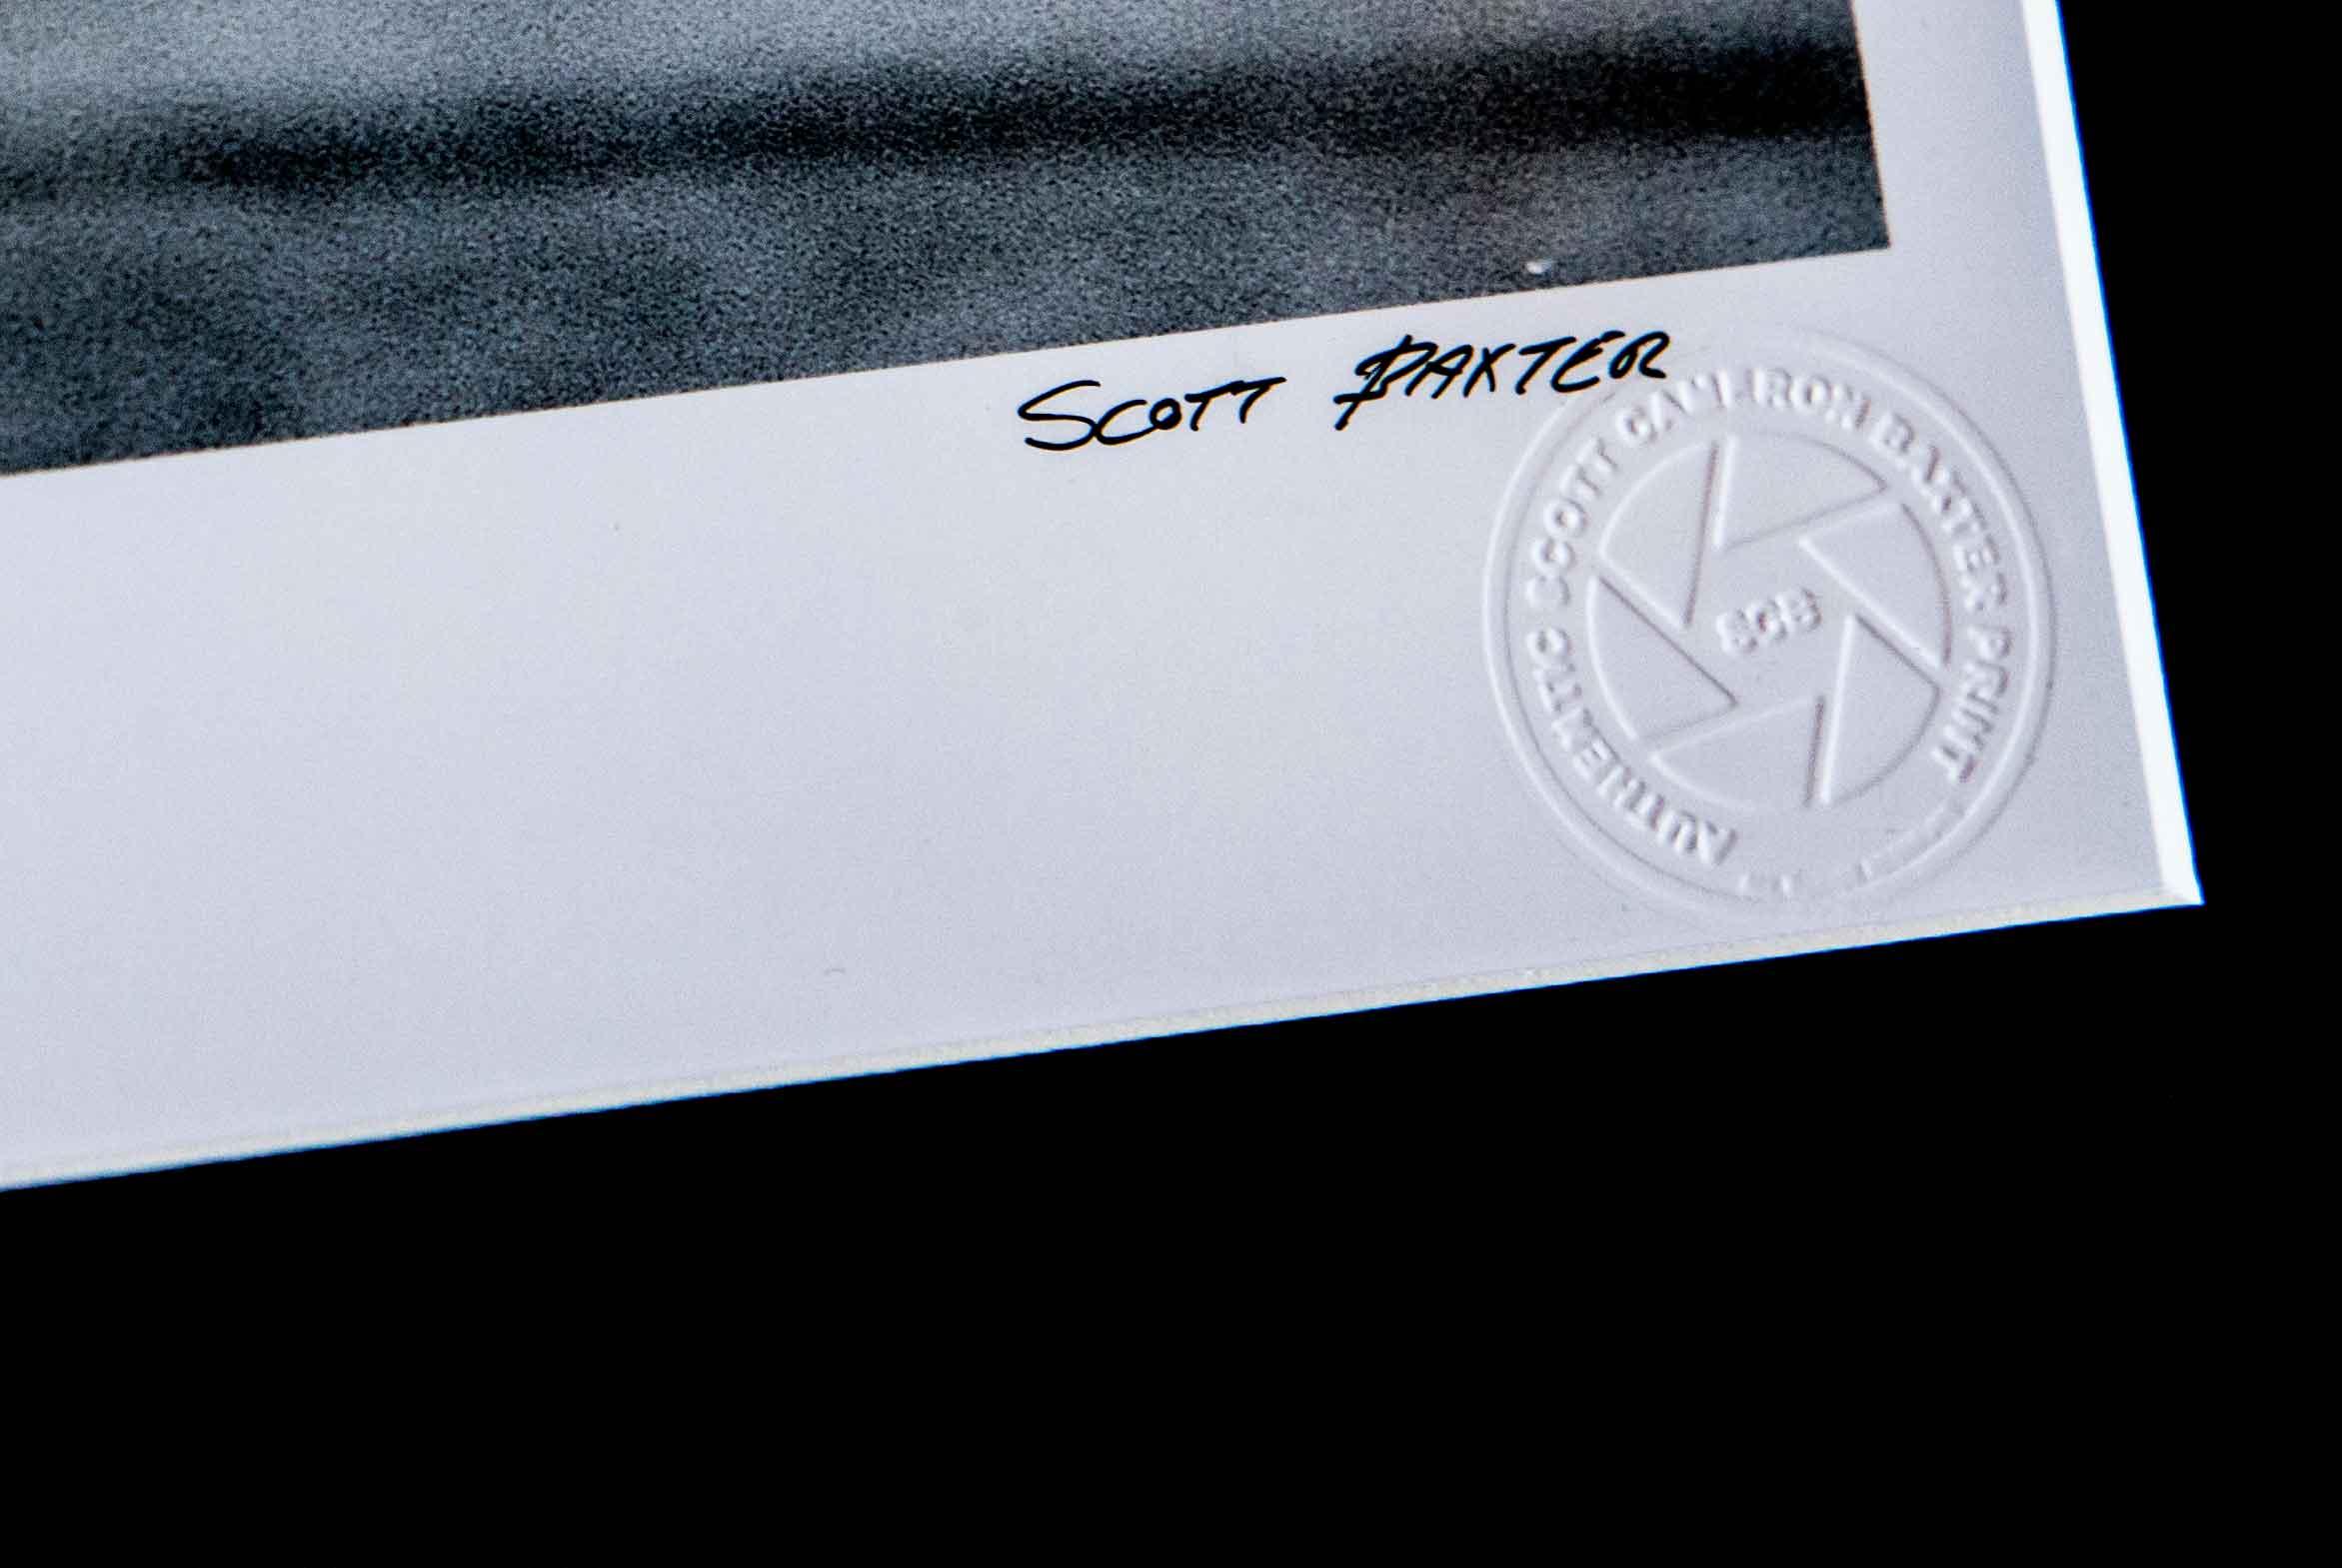 Scott Cameron Baxter